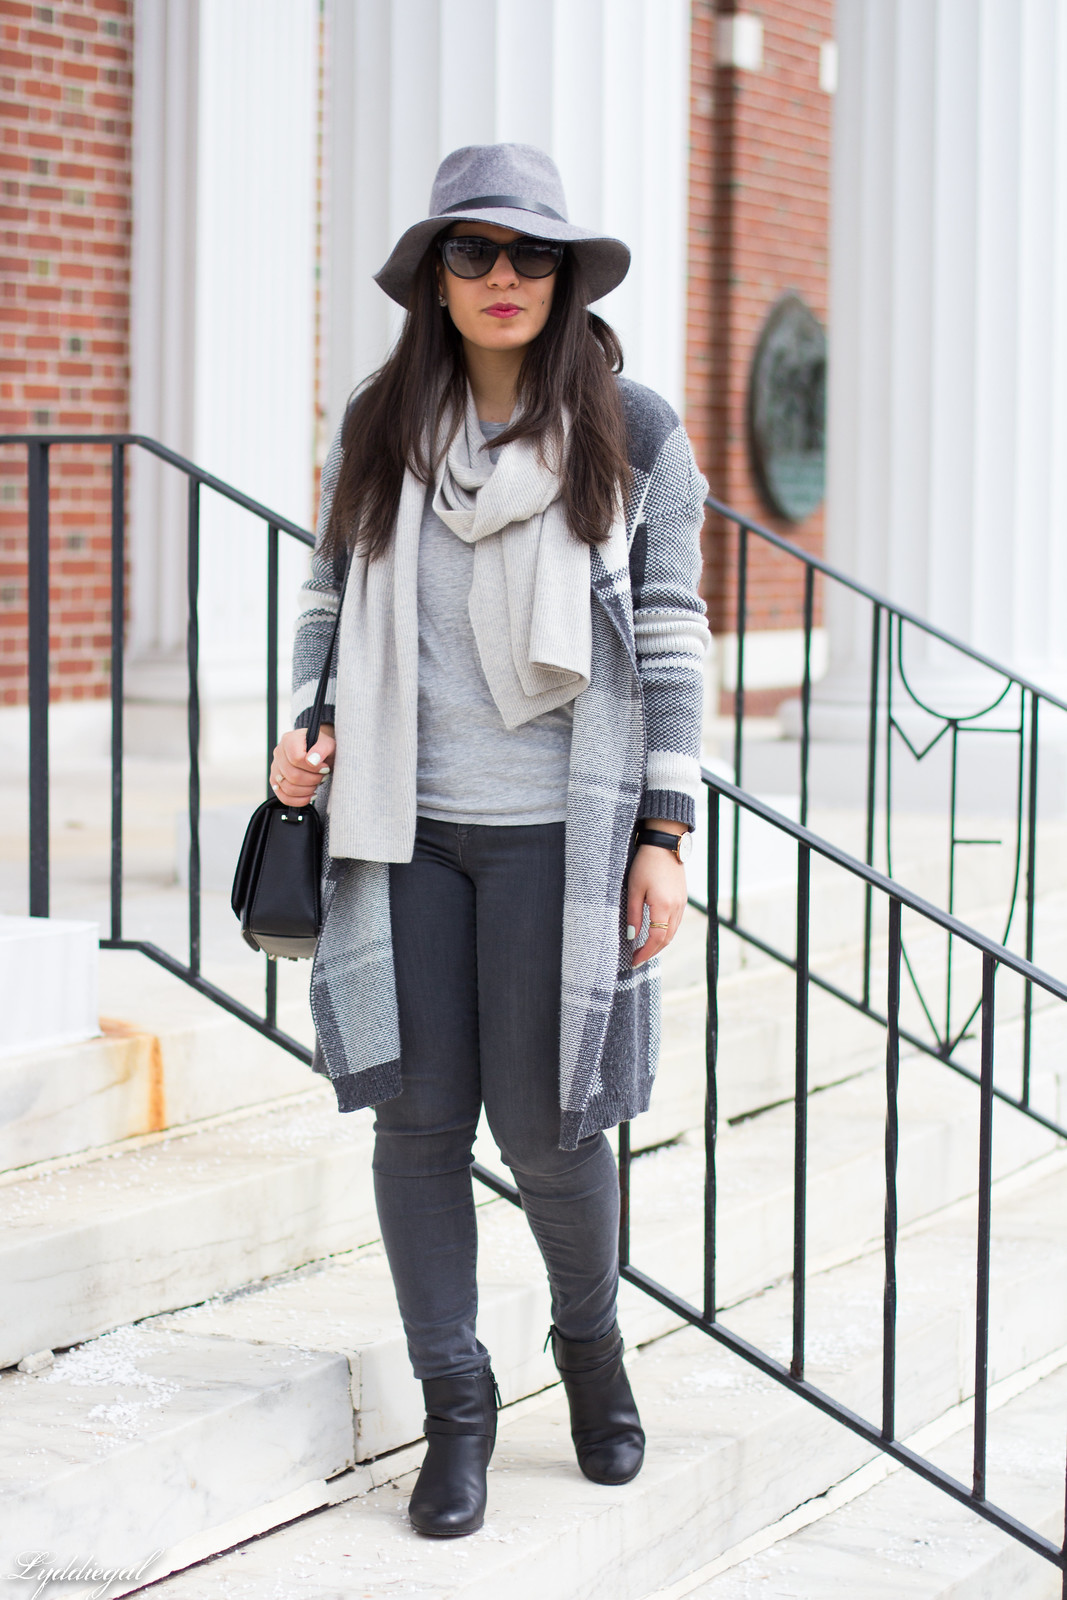 grey plaid cardigan, cashmere scarf, wool hat, grey jeans-3.jpg